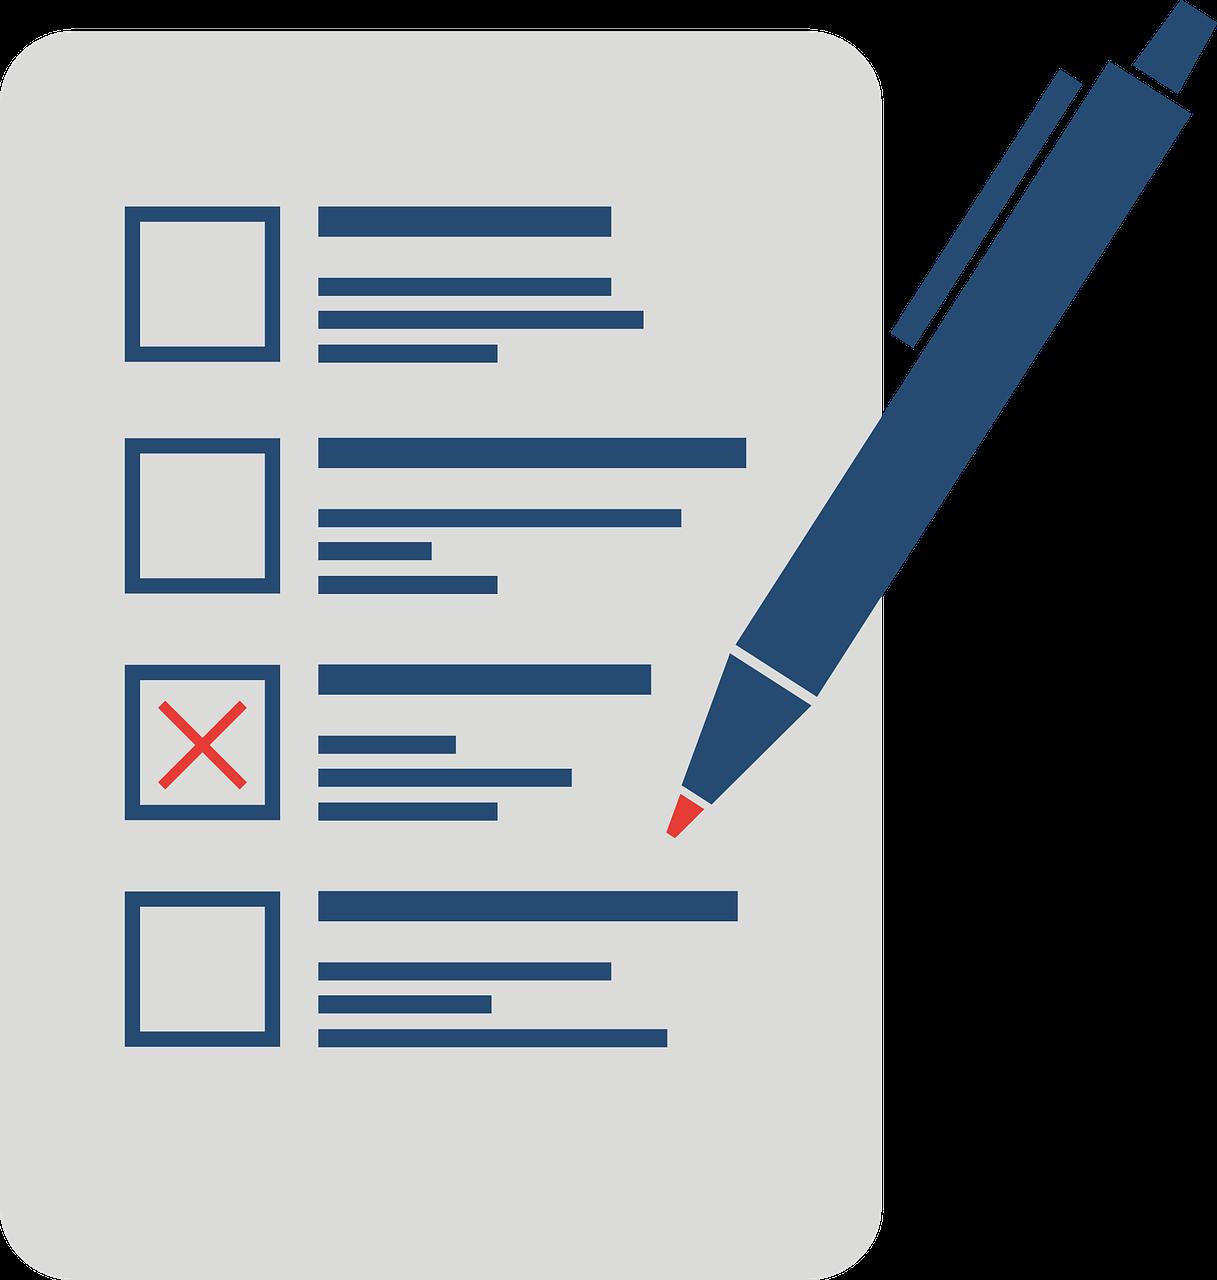 Elezioni Amministrative del 25-26 Ottobre 2020 - MANIFESTO SCRUTINIO